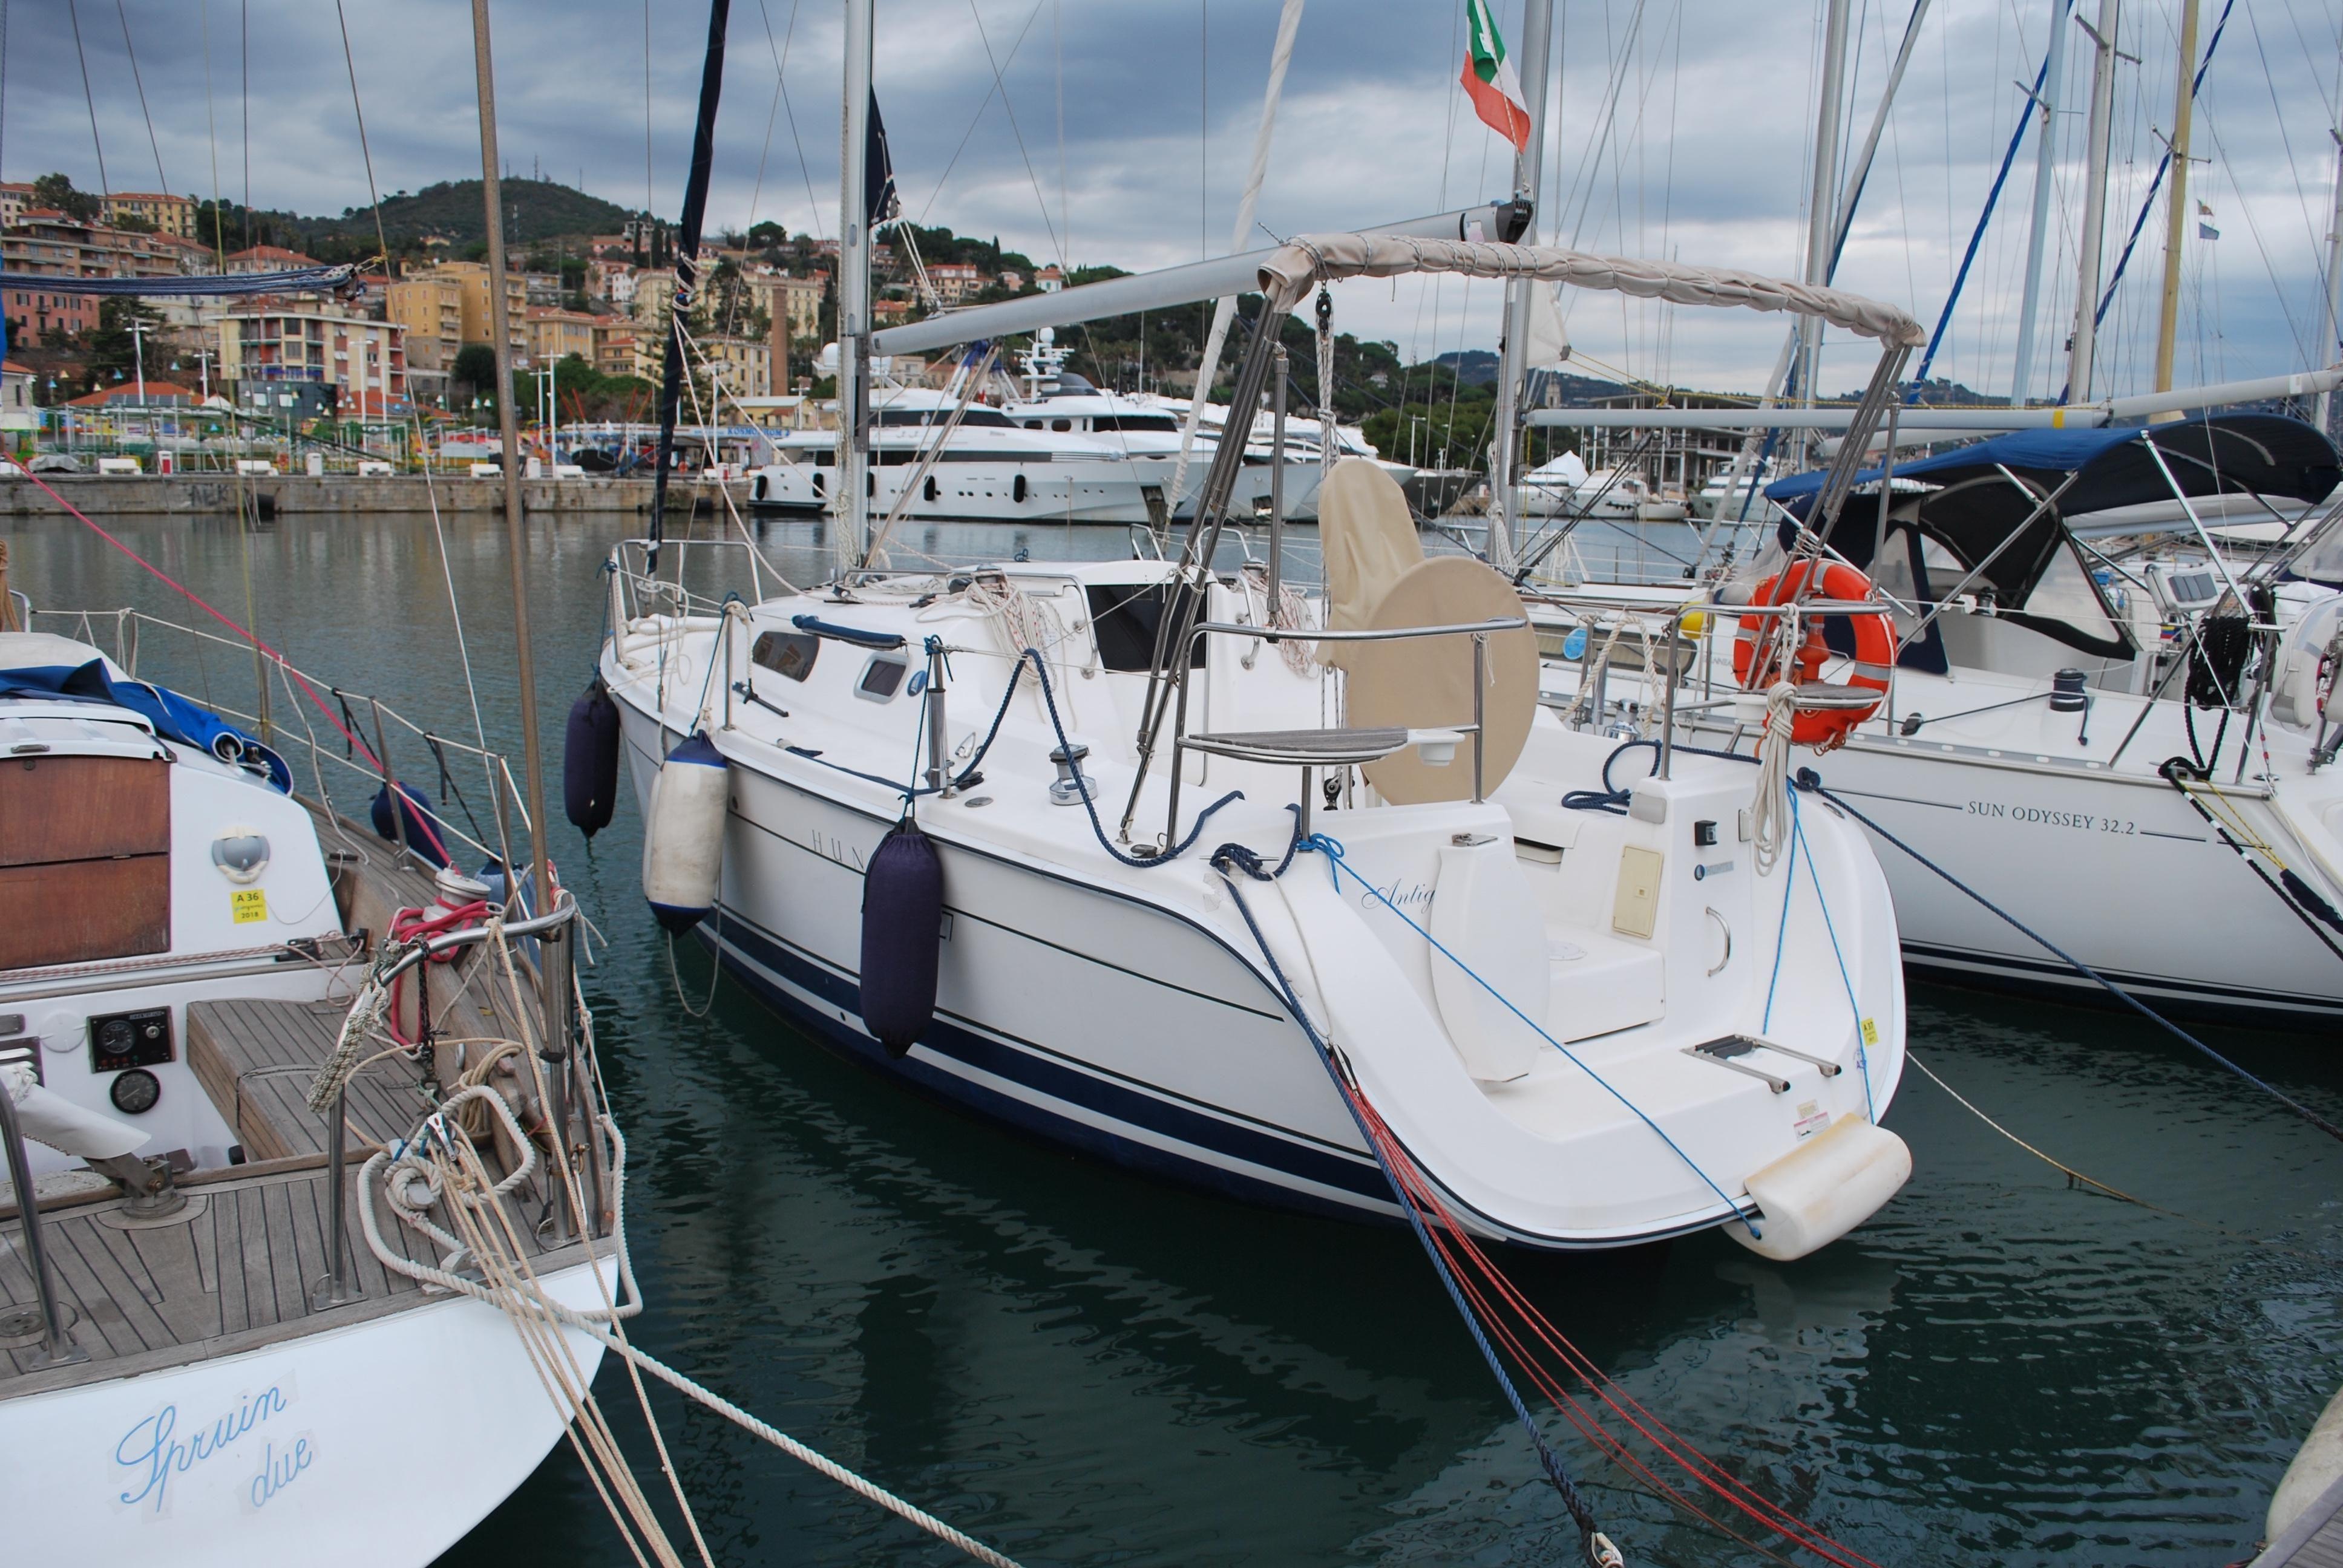 2010 Hunter Marine 27 Legend Sloop for sale - YachtWorld